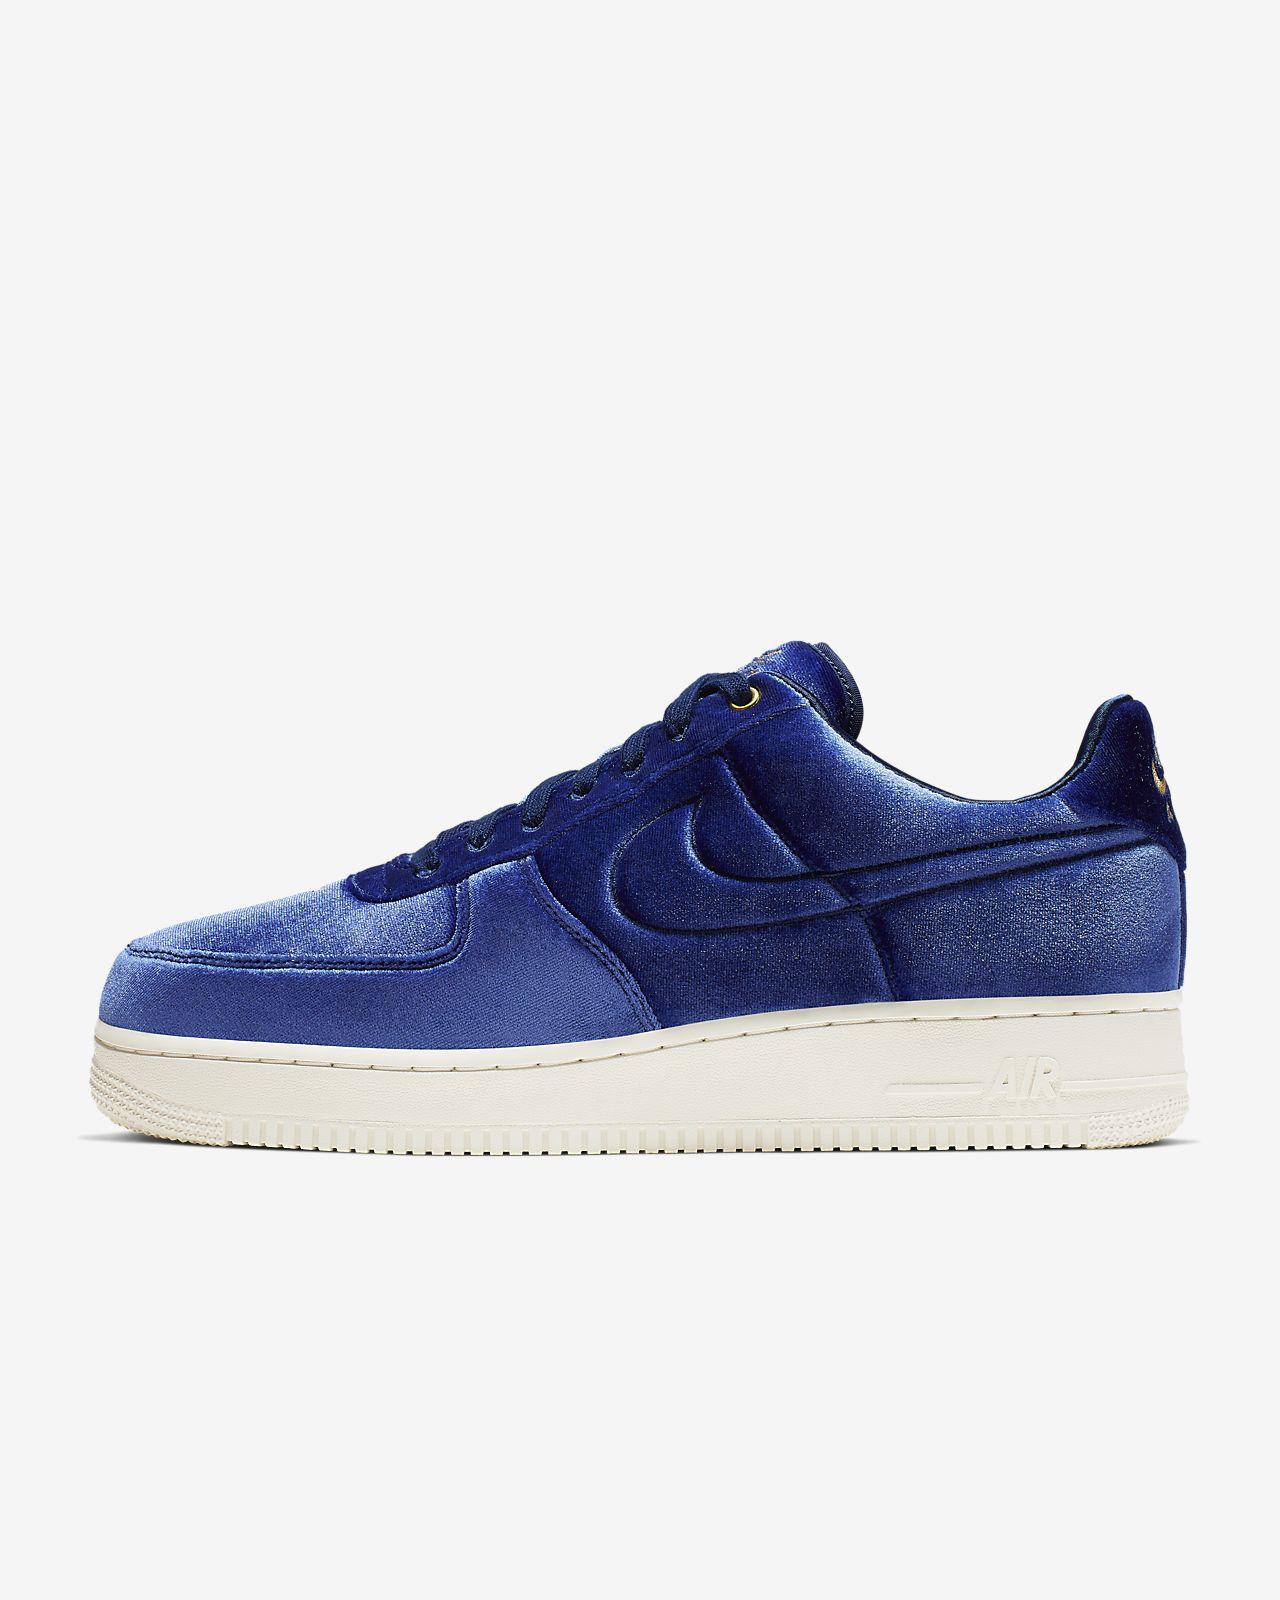 Nike Air Force 1 '07 Premium 3 Herrenschuh